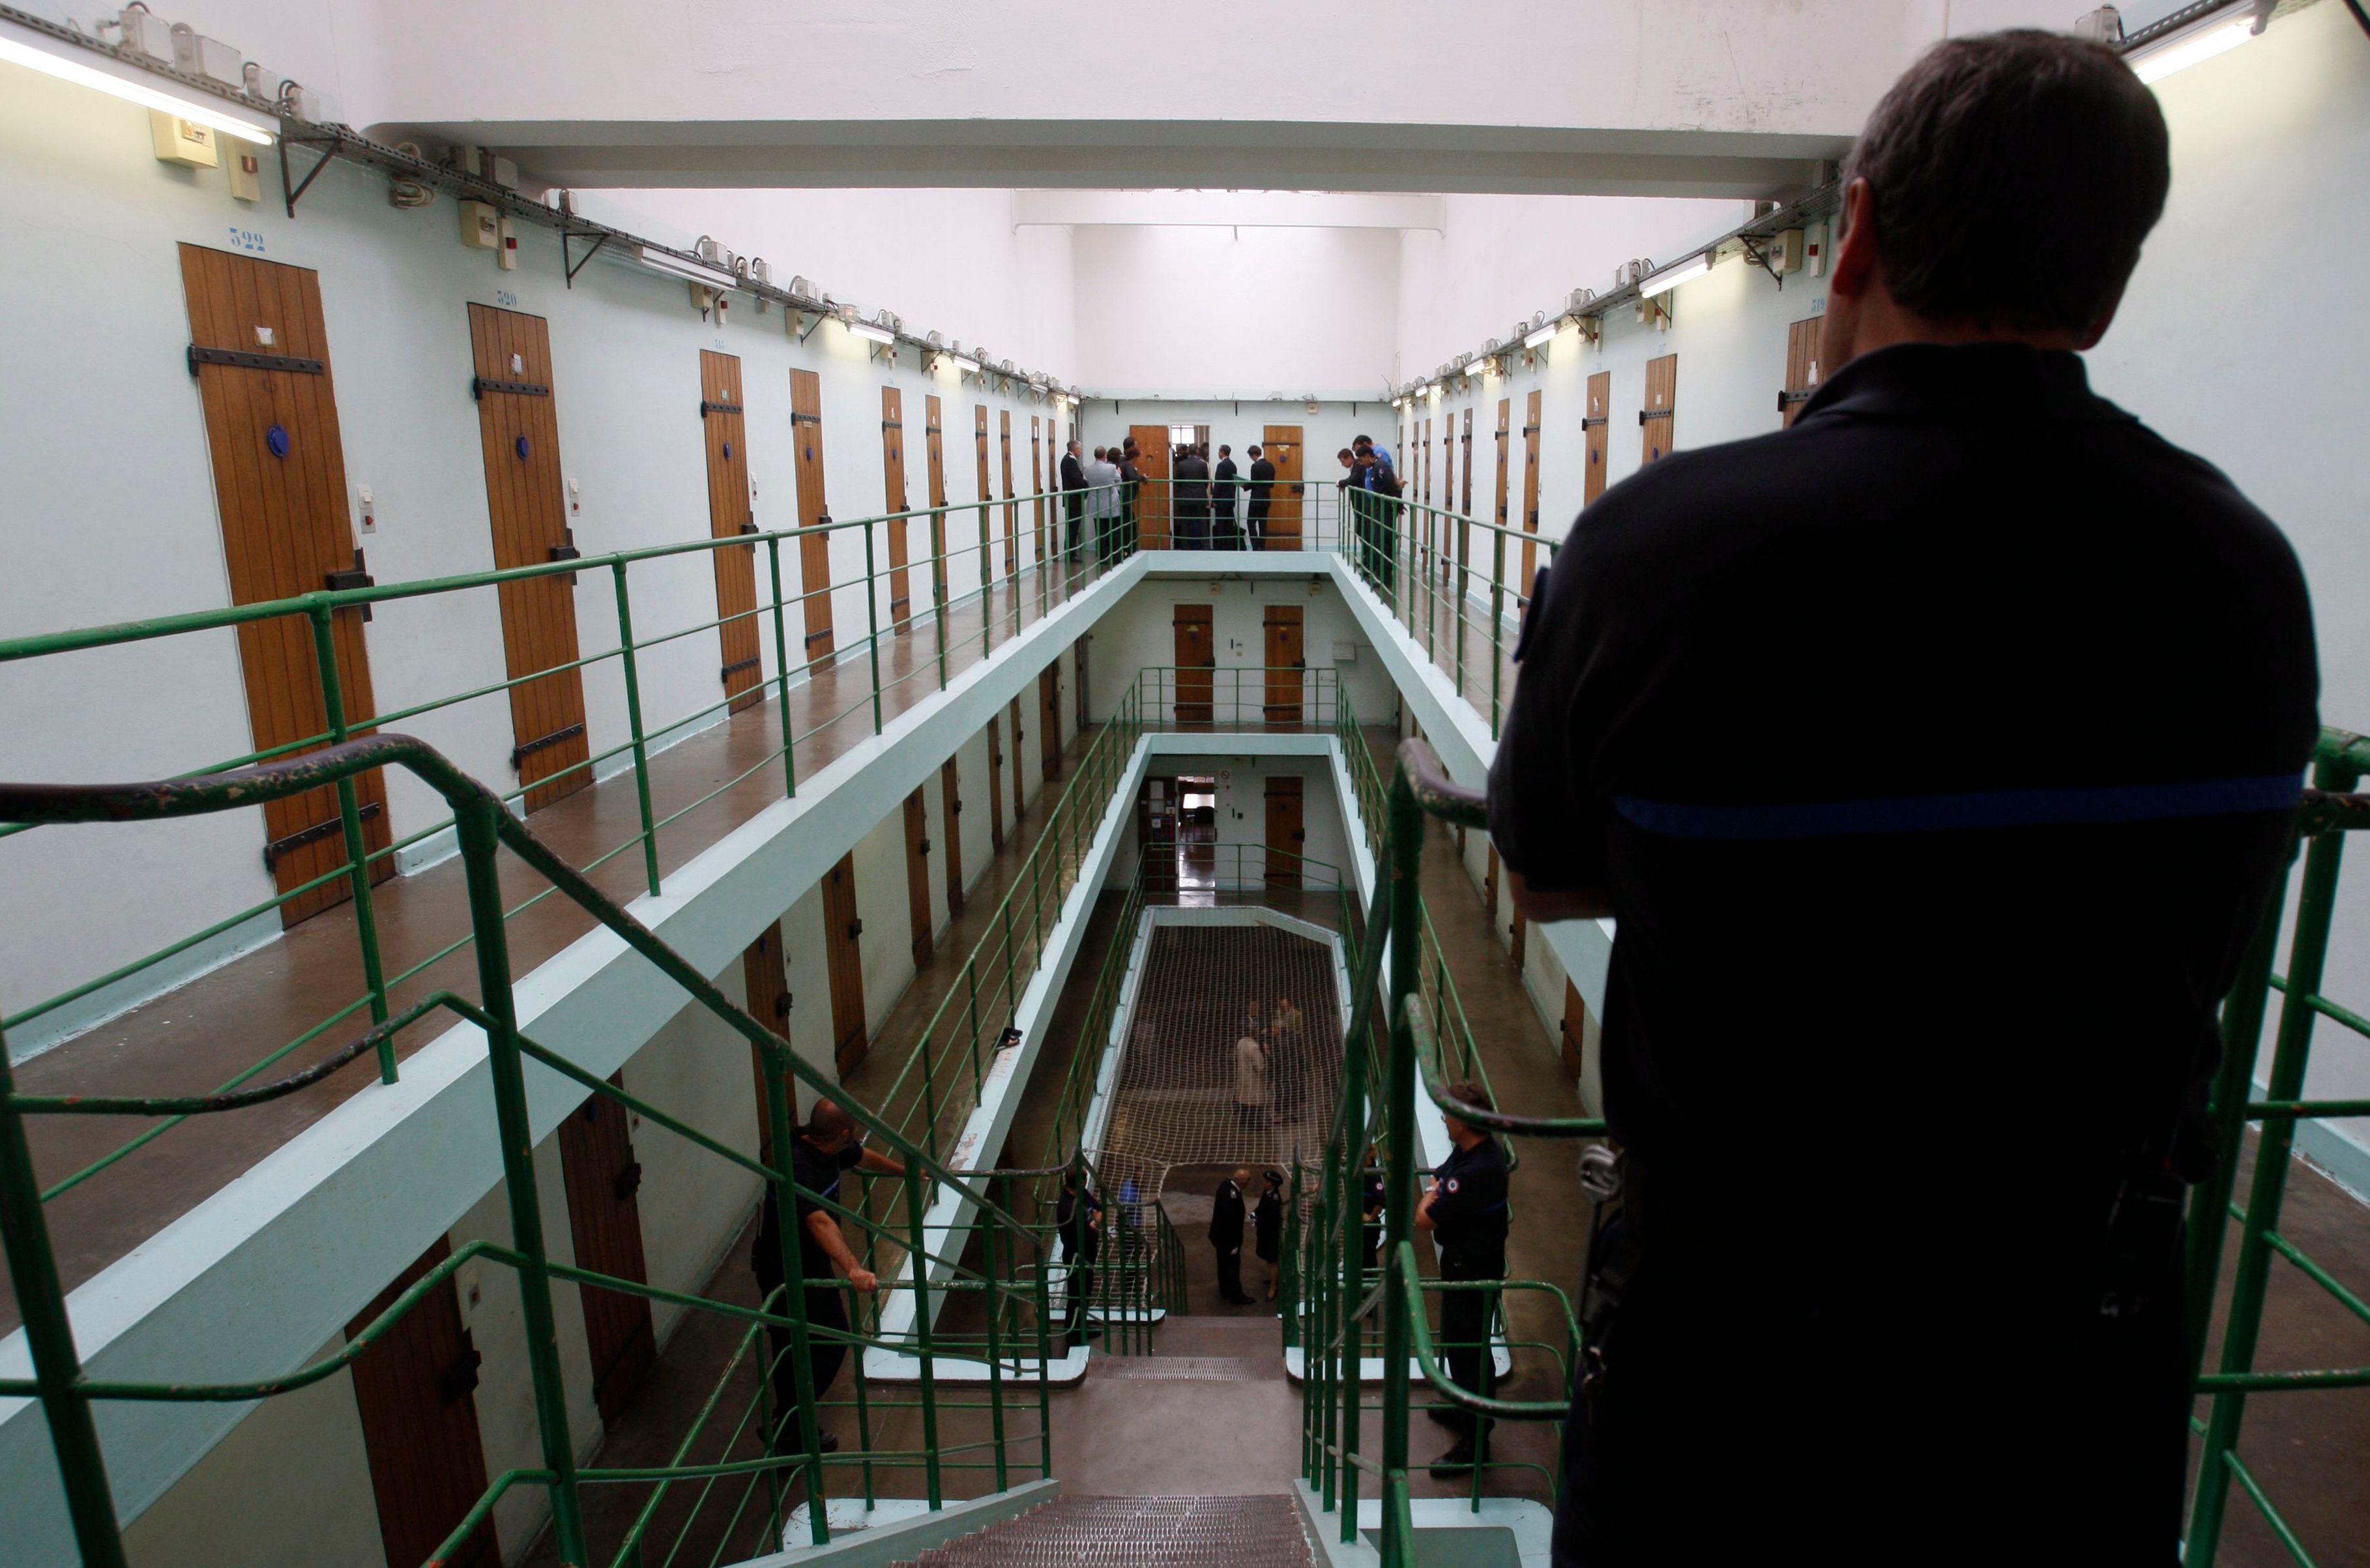 """Ce procédé de regroupement a engendré la grogne des certains prisonniers """"radicaux"""" de l'établissement"""